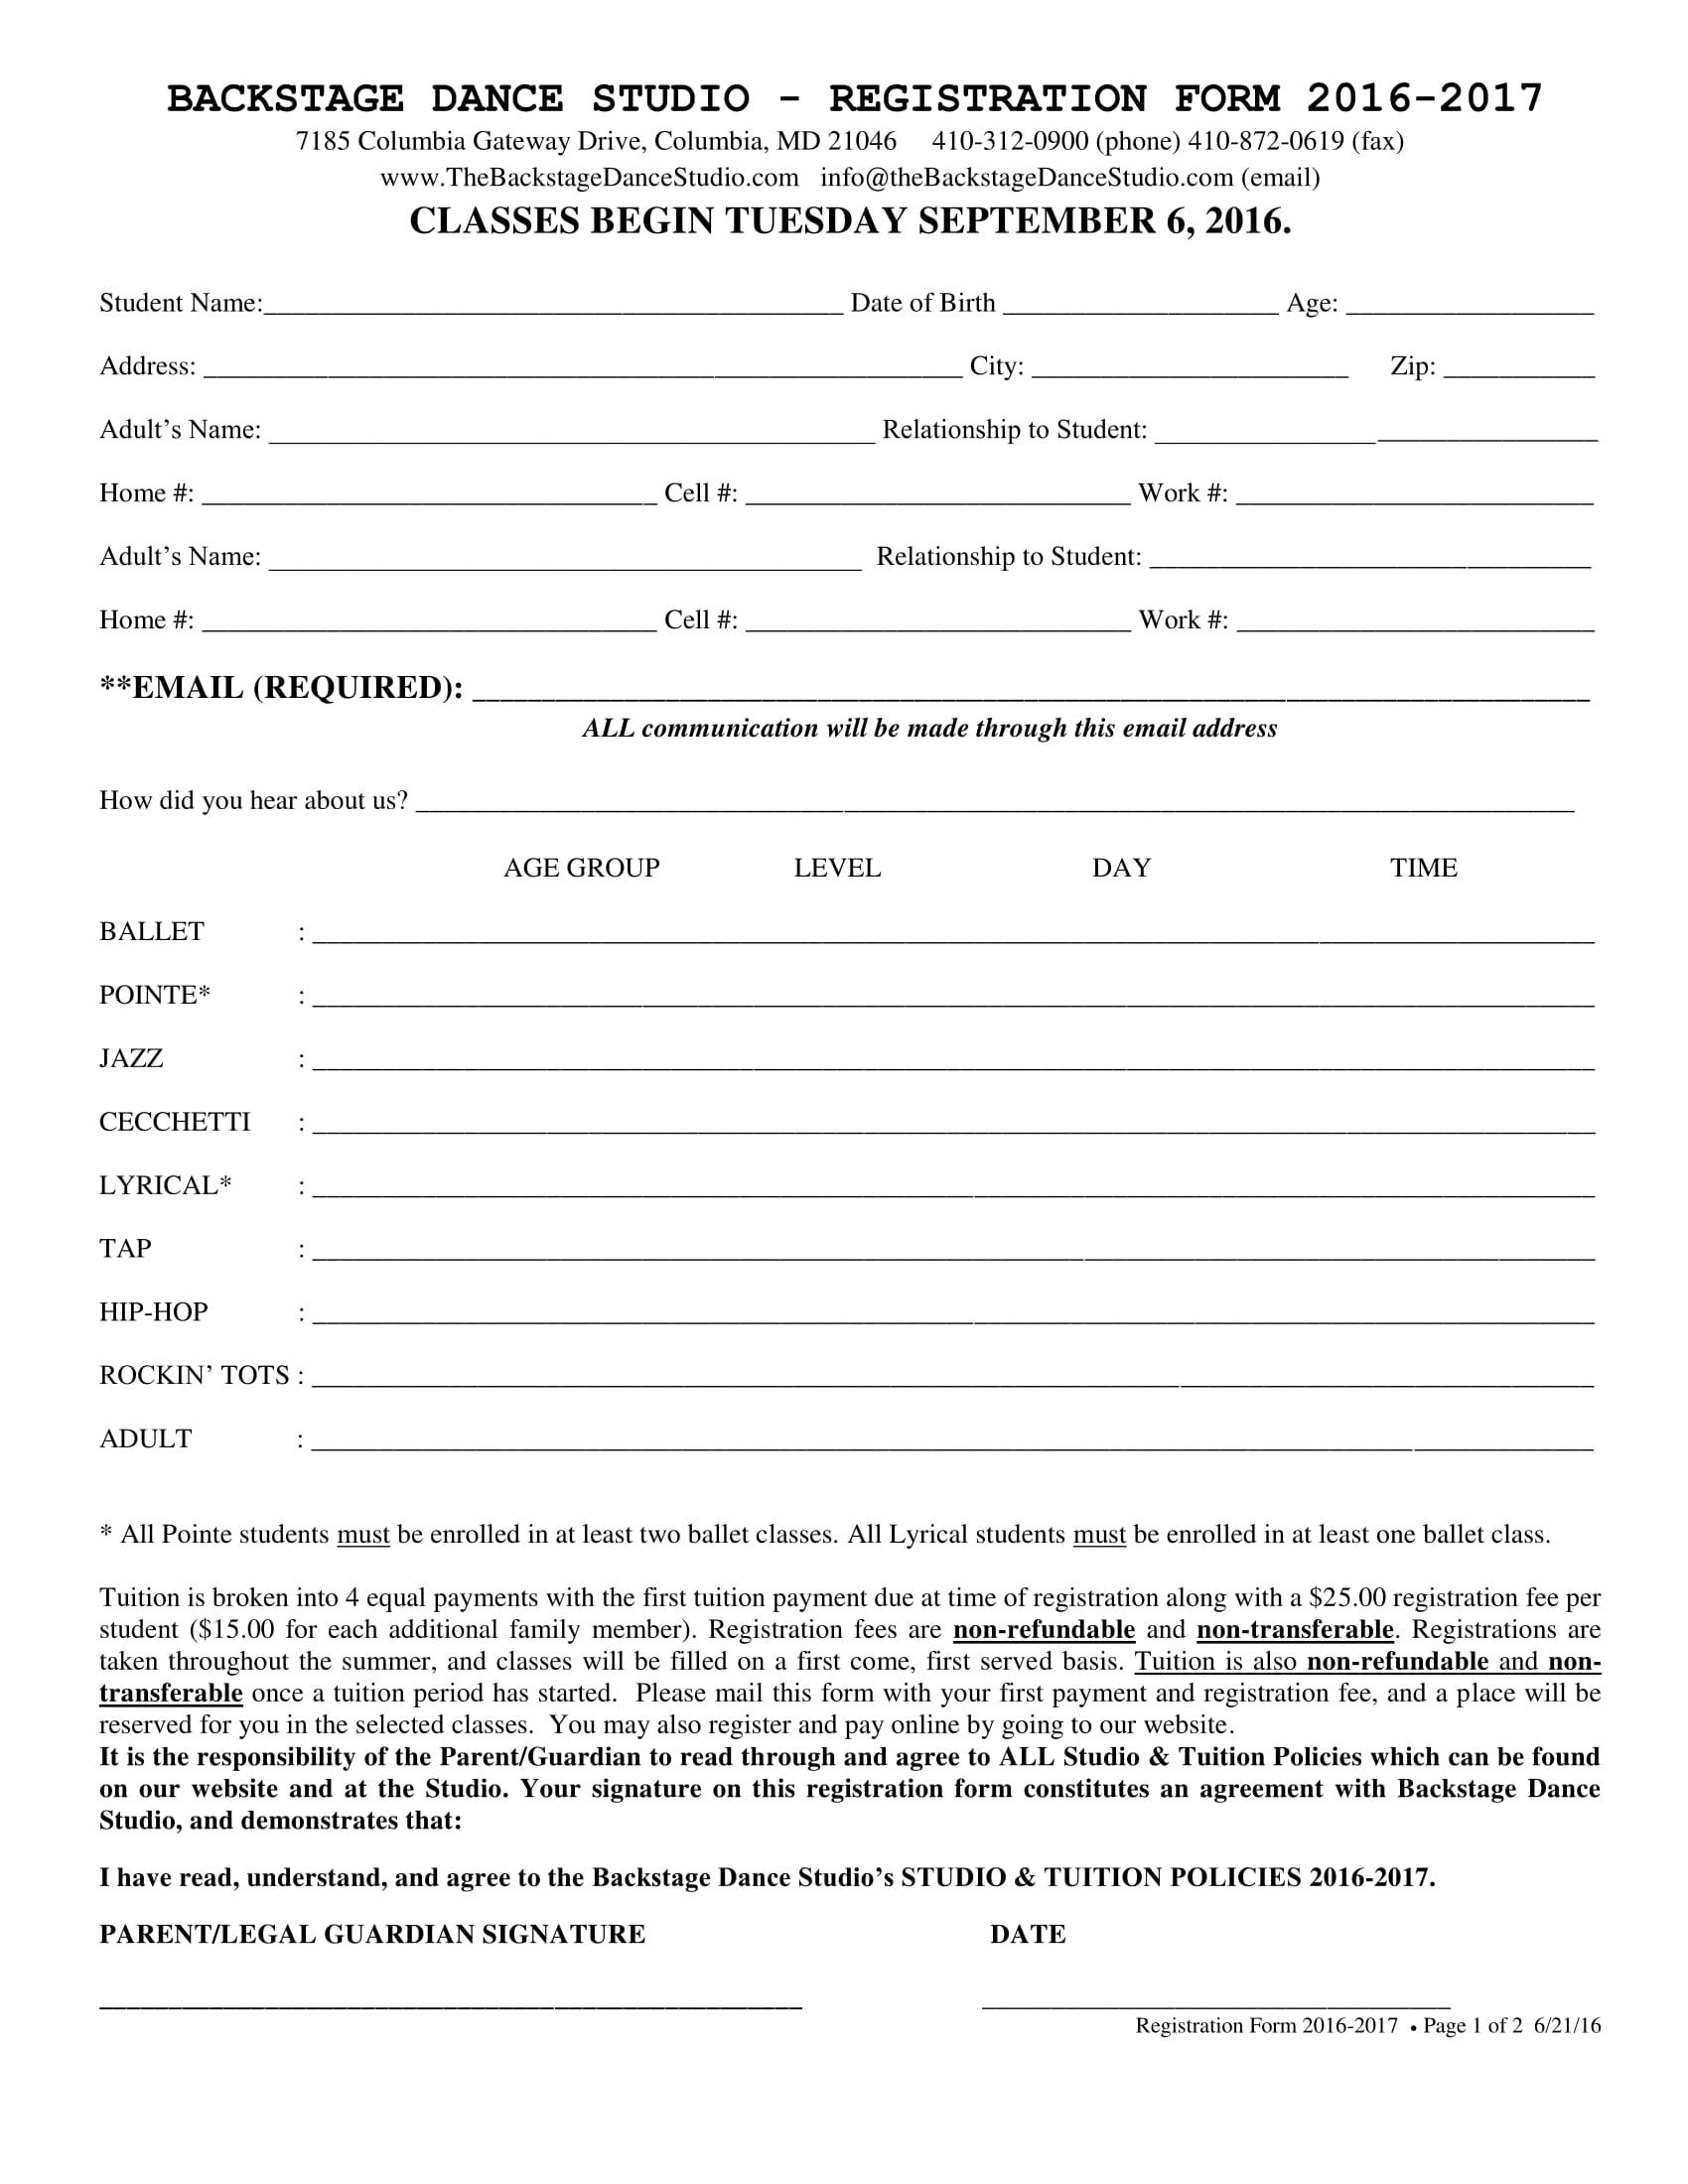 backstage dance registration form 1